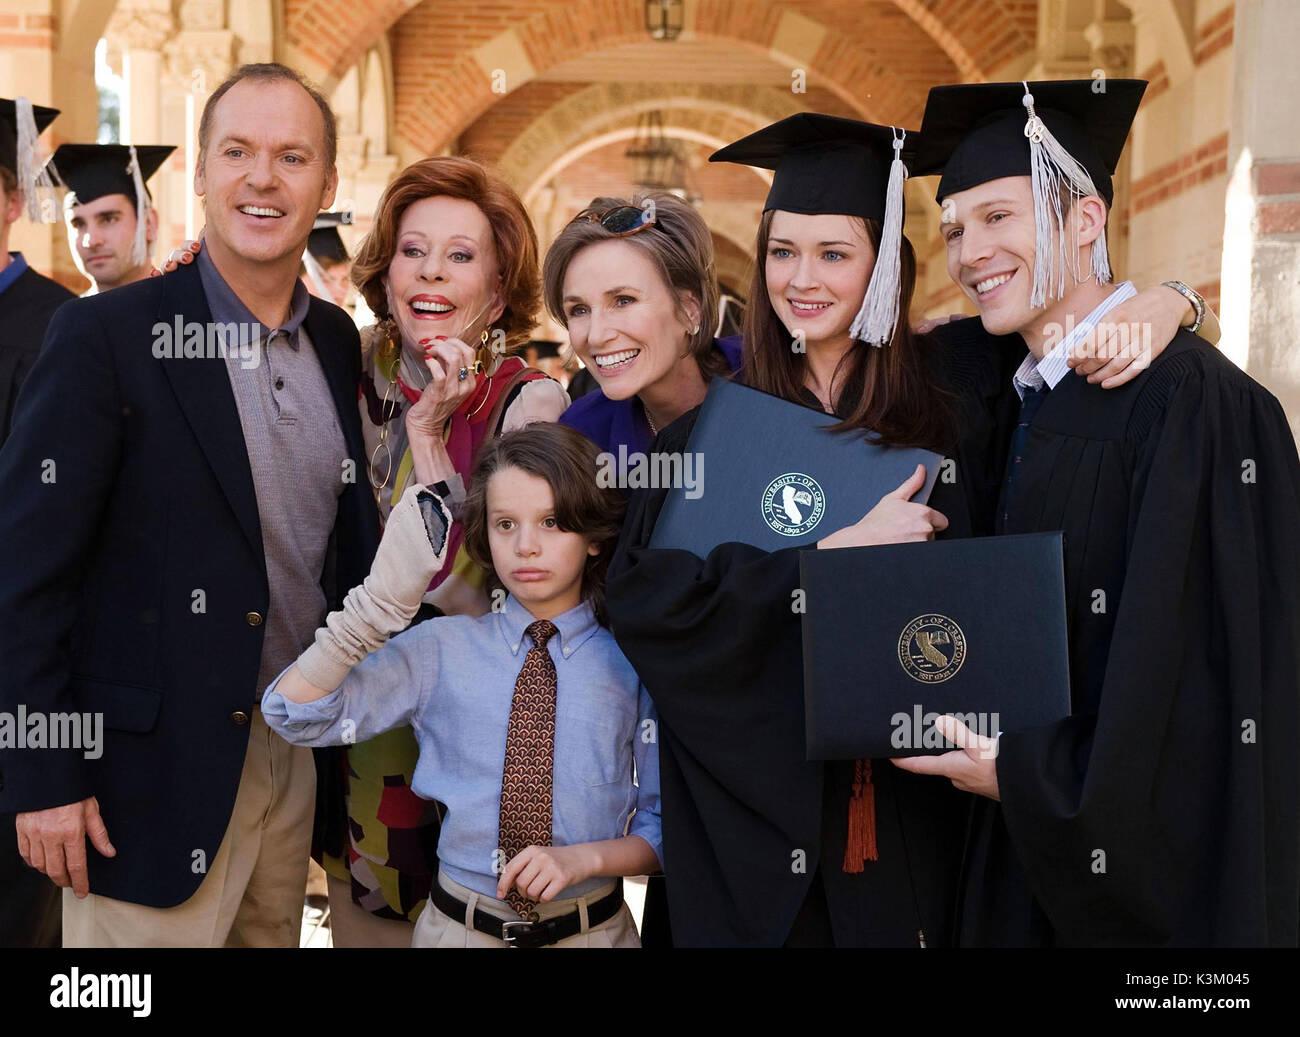 Post graduate dating uk